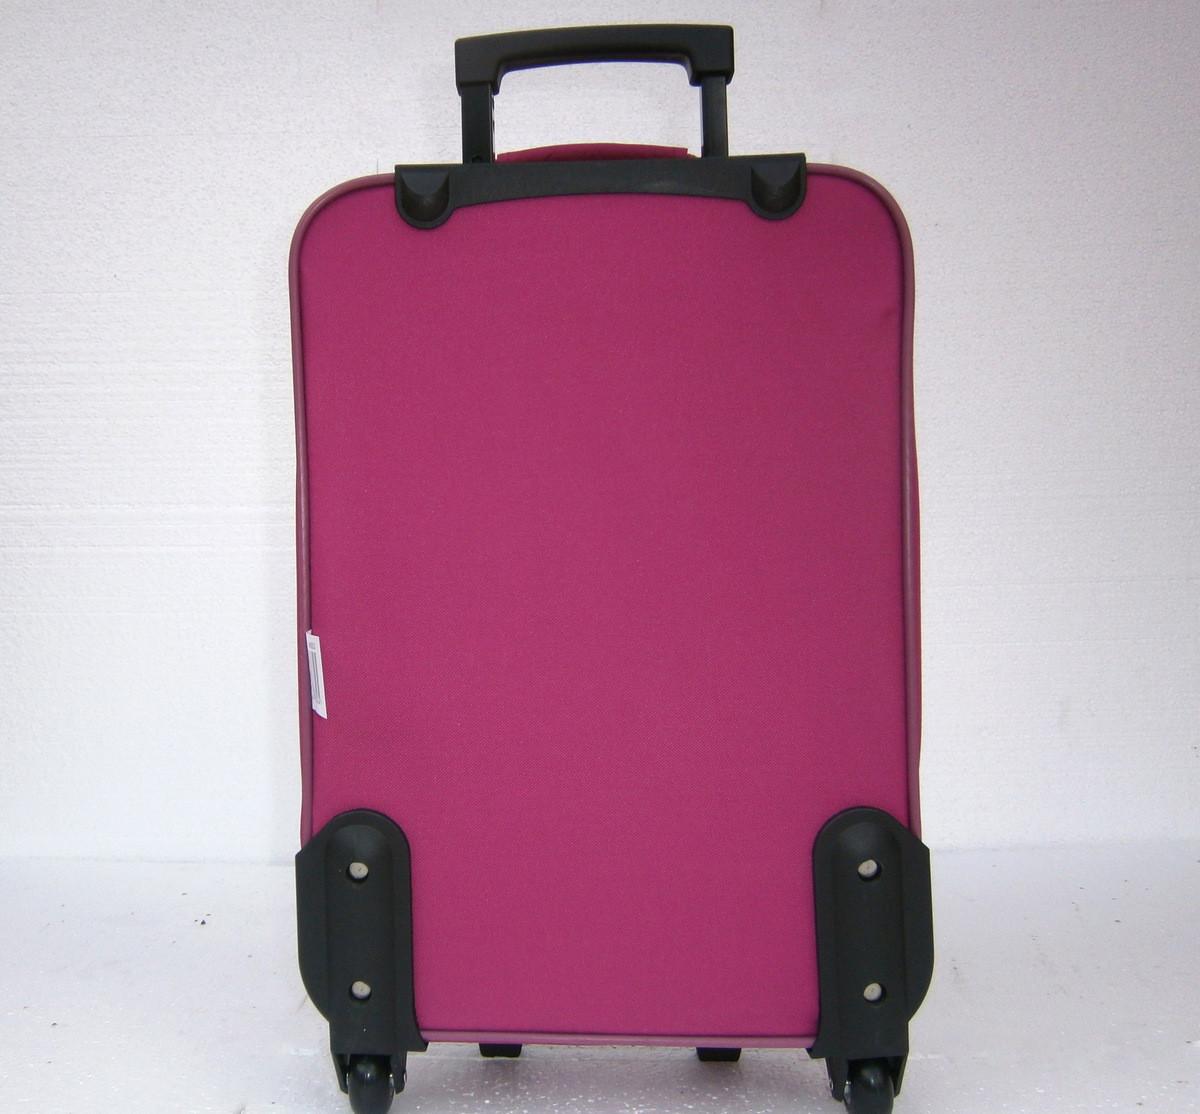 Дорожные сумки малиногого цвета эргономические рюкзаки купить